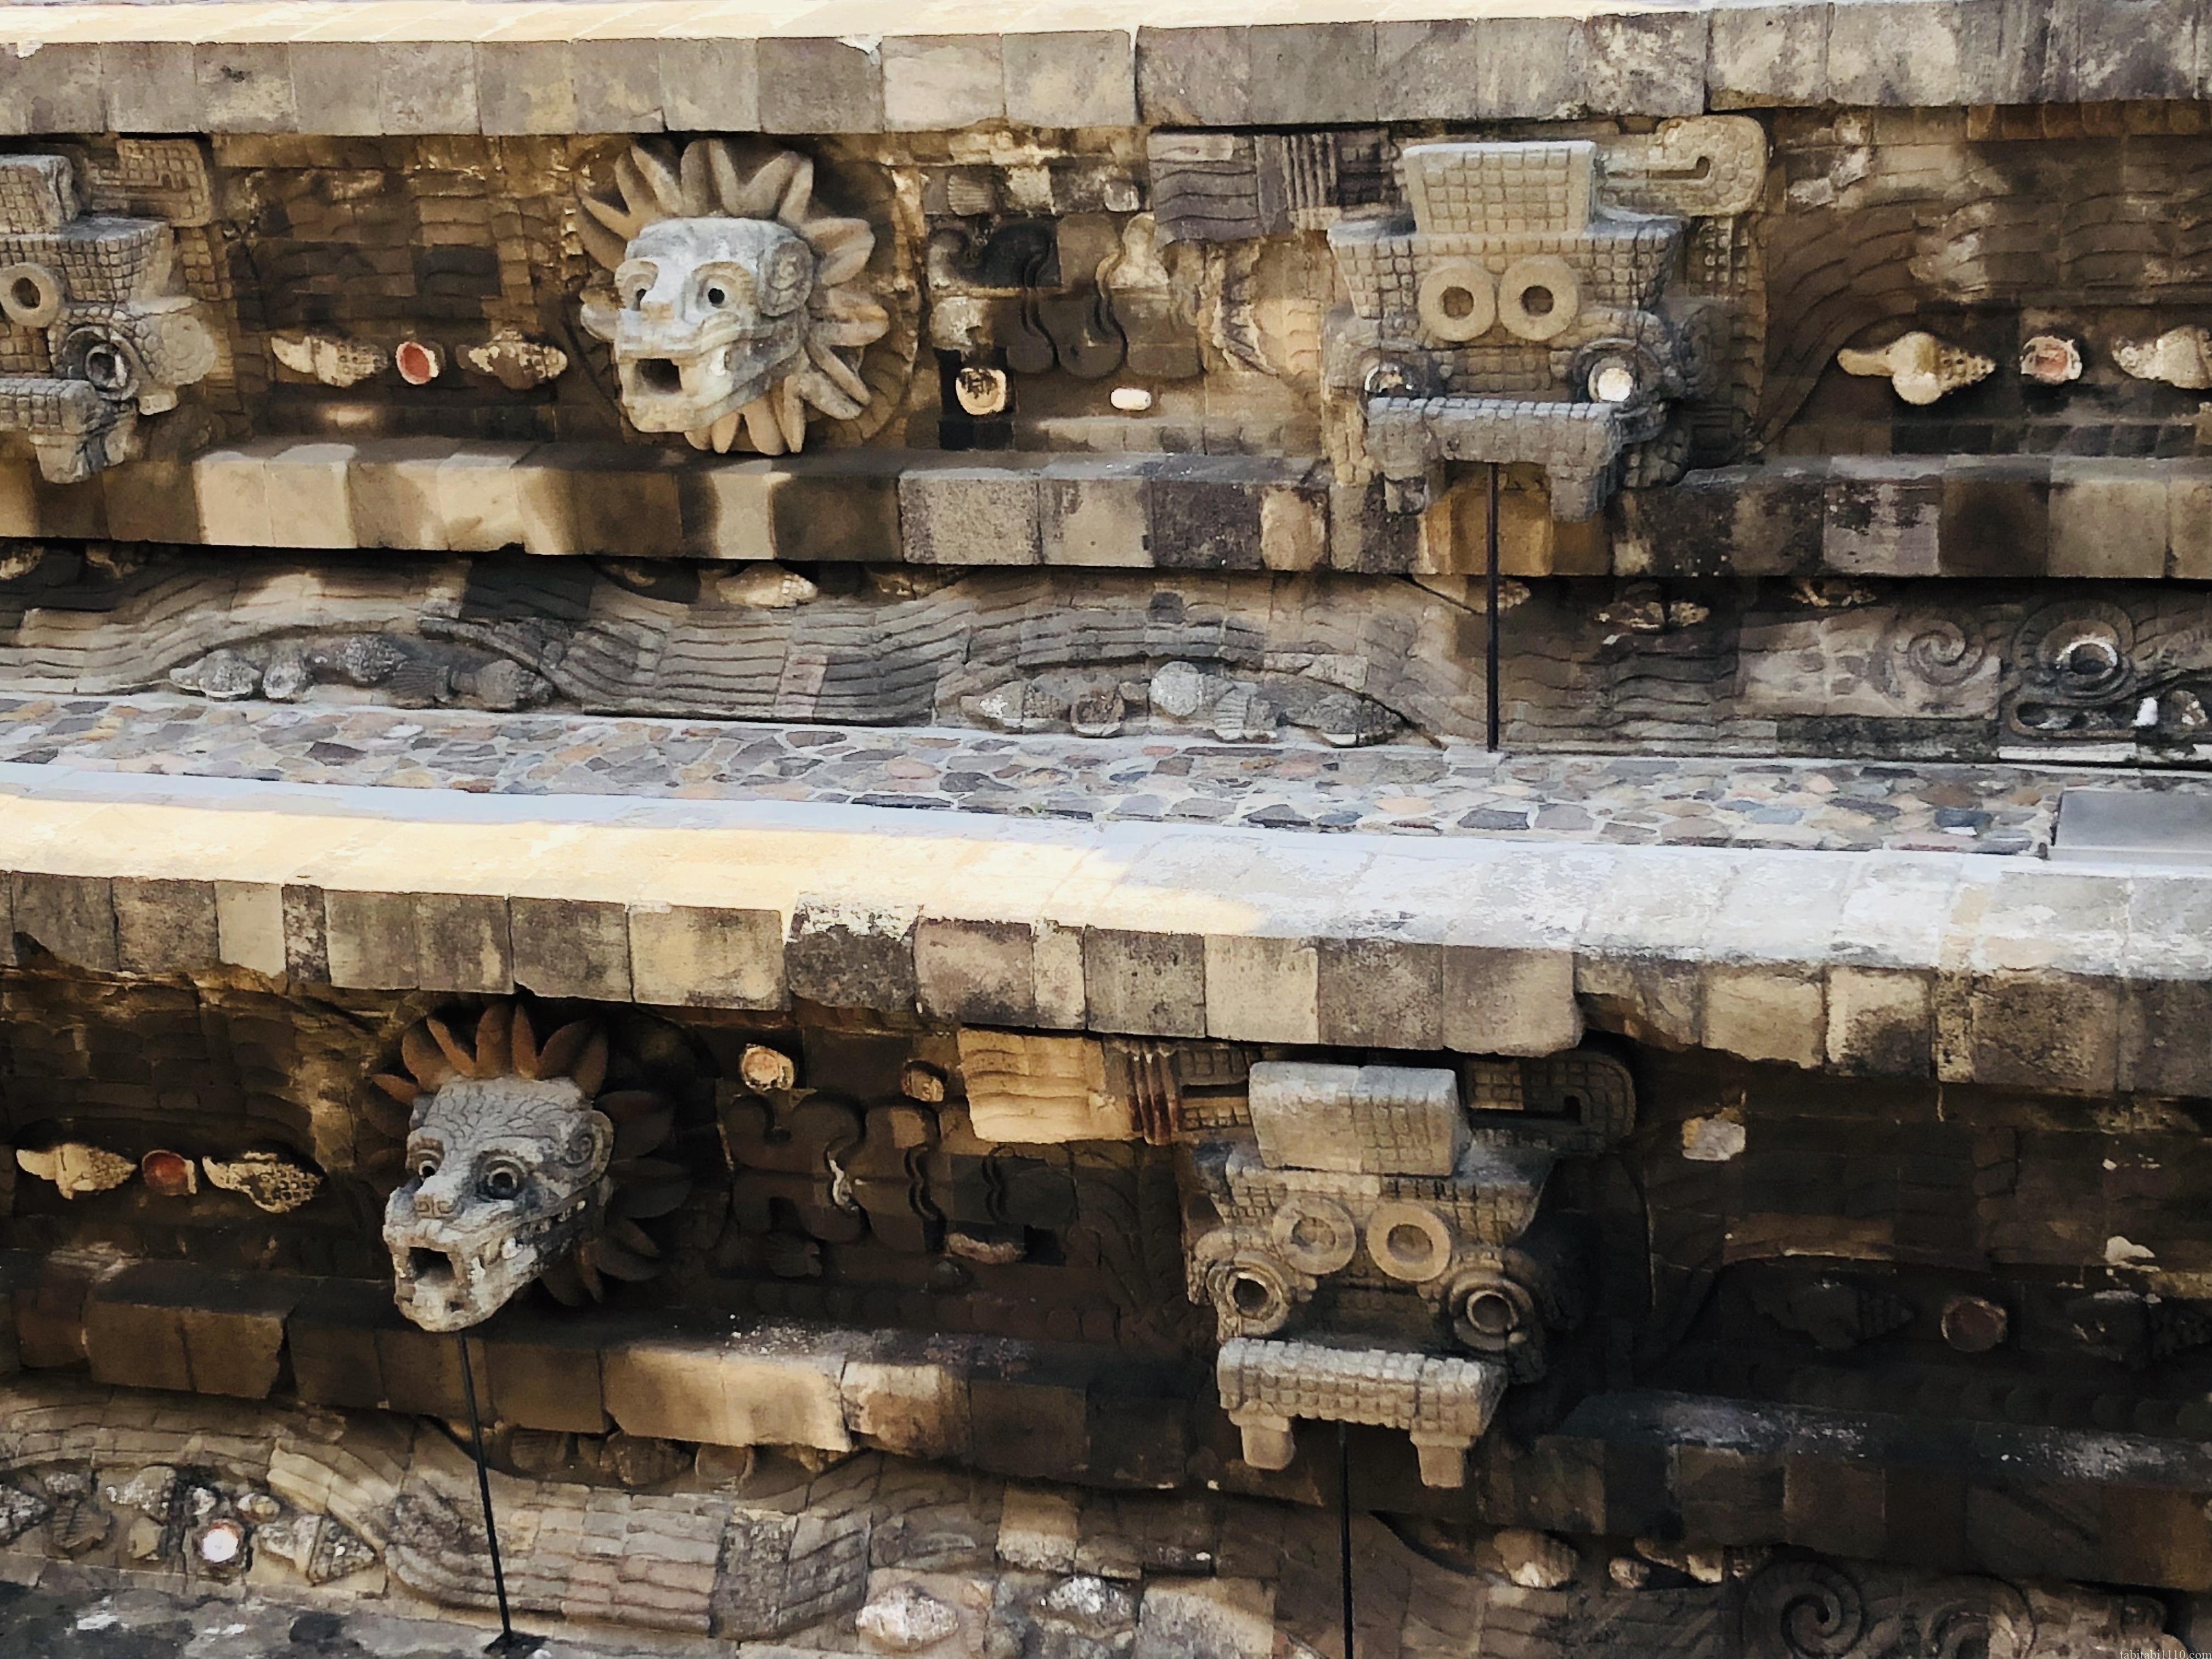 テオティワカン|ケツァルコアトルの神殿